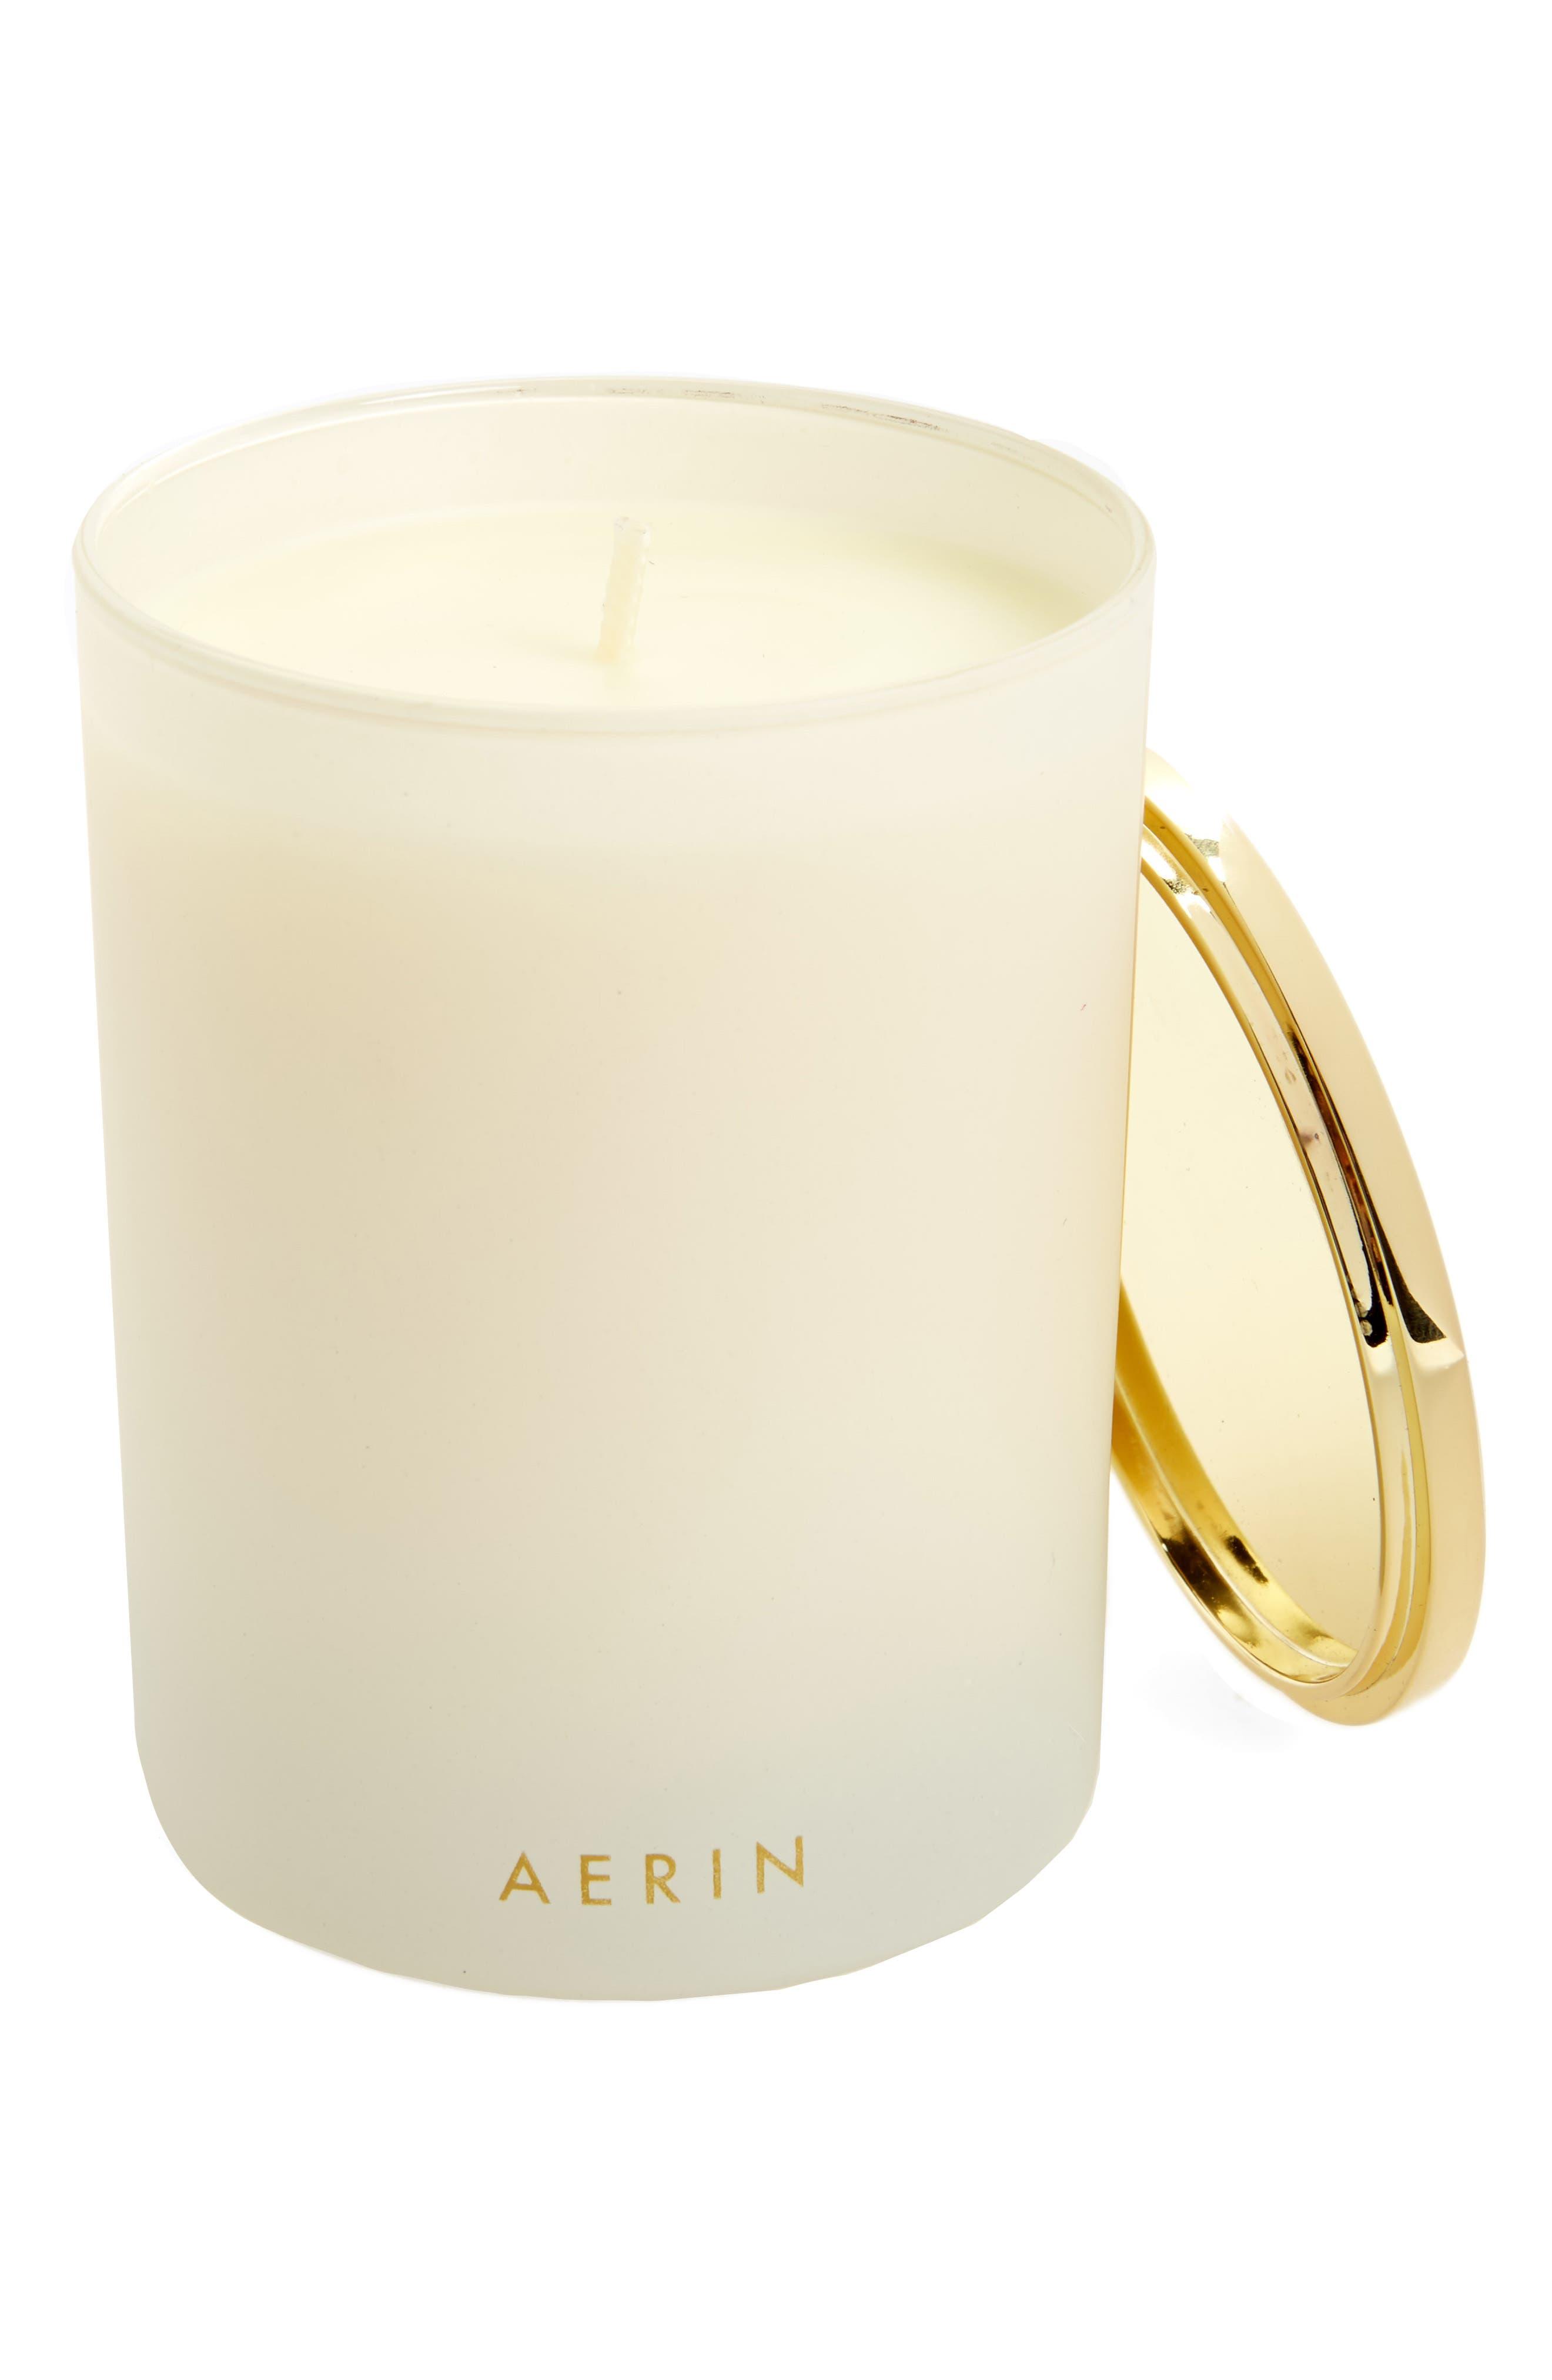 AERIN Caffarella Vine Candle